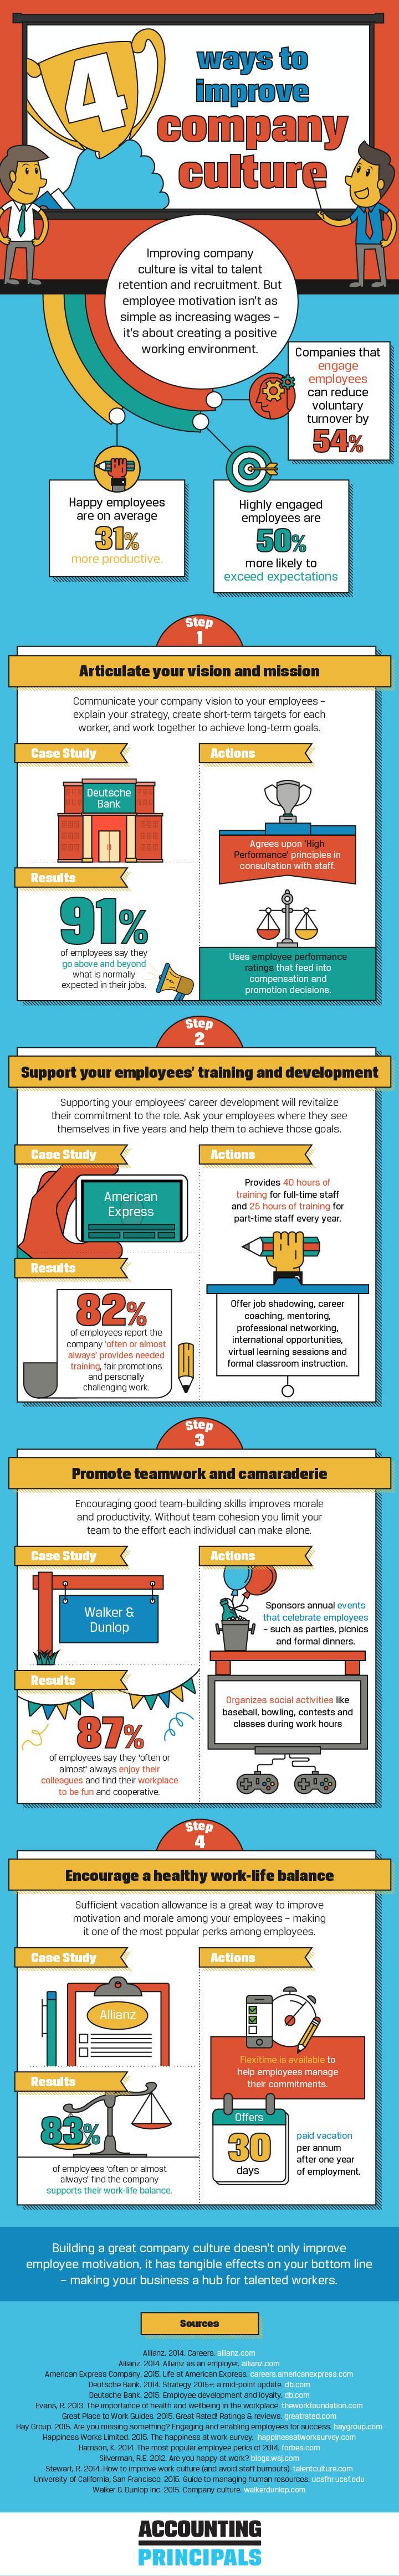 improve-company-culture